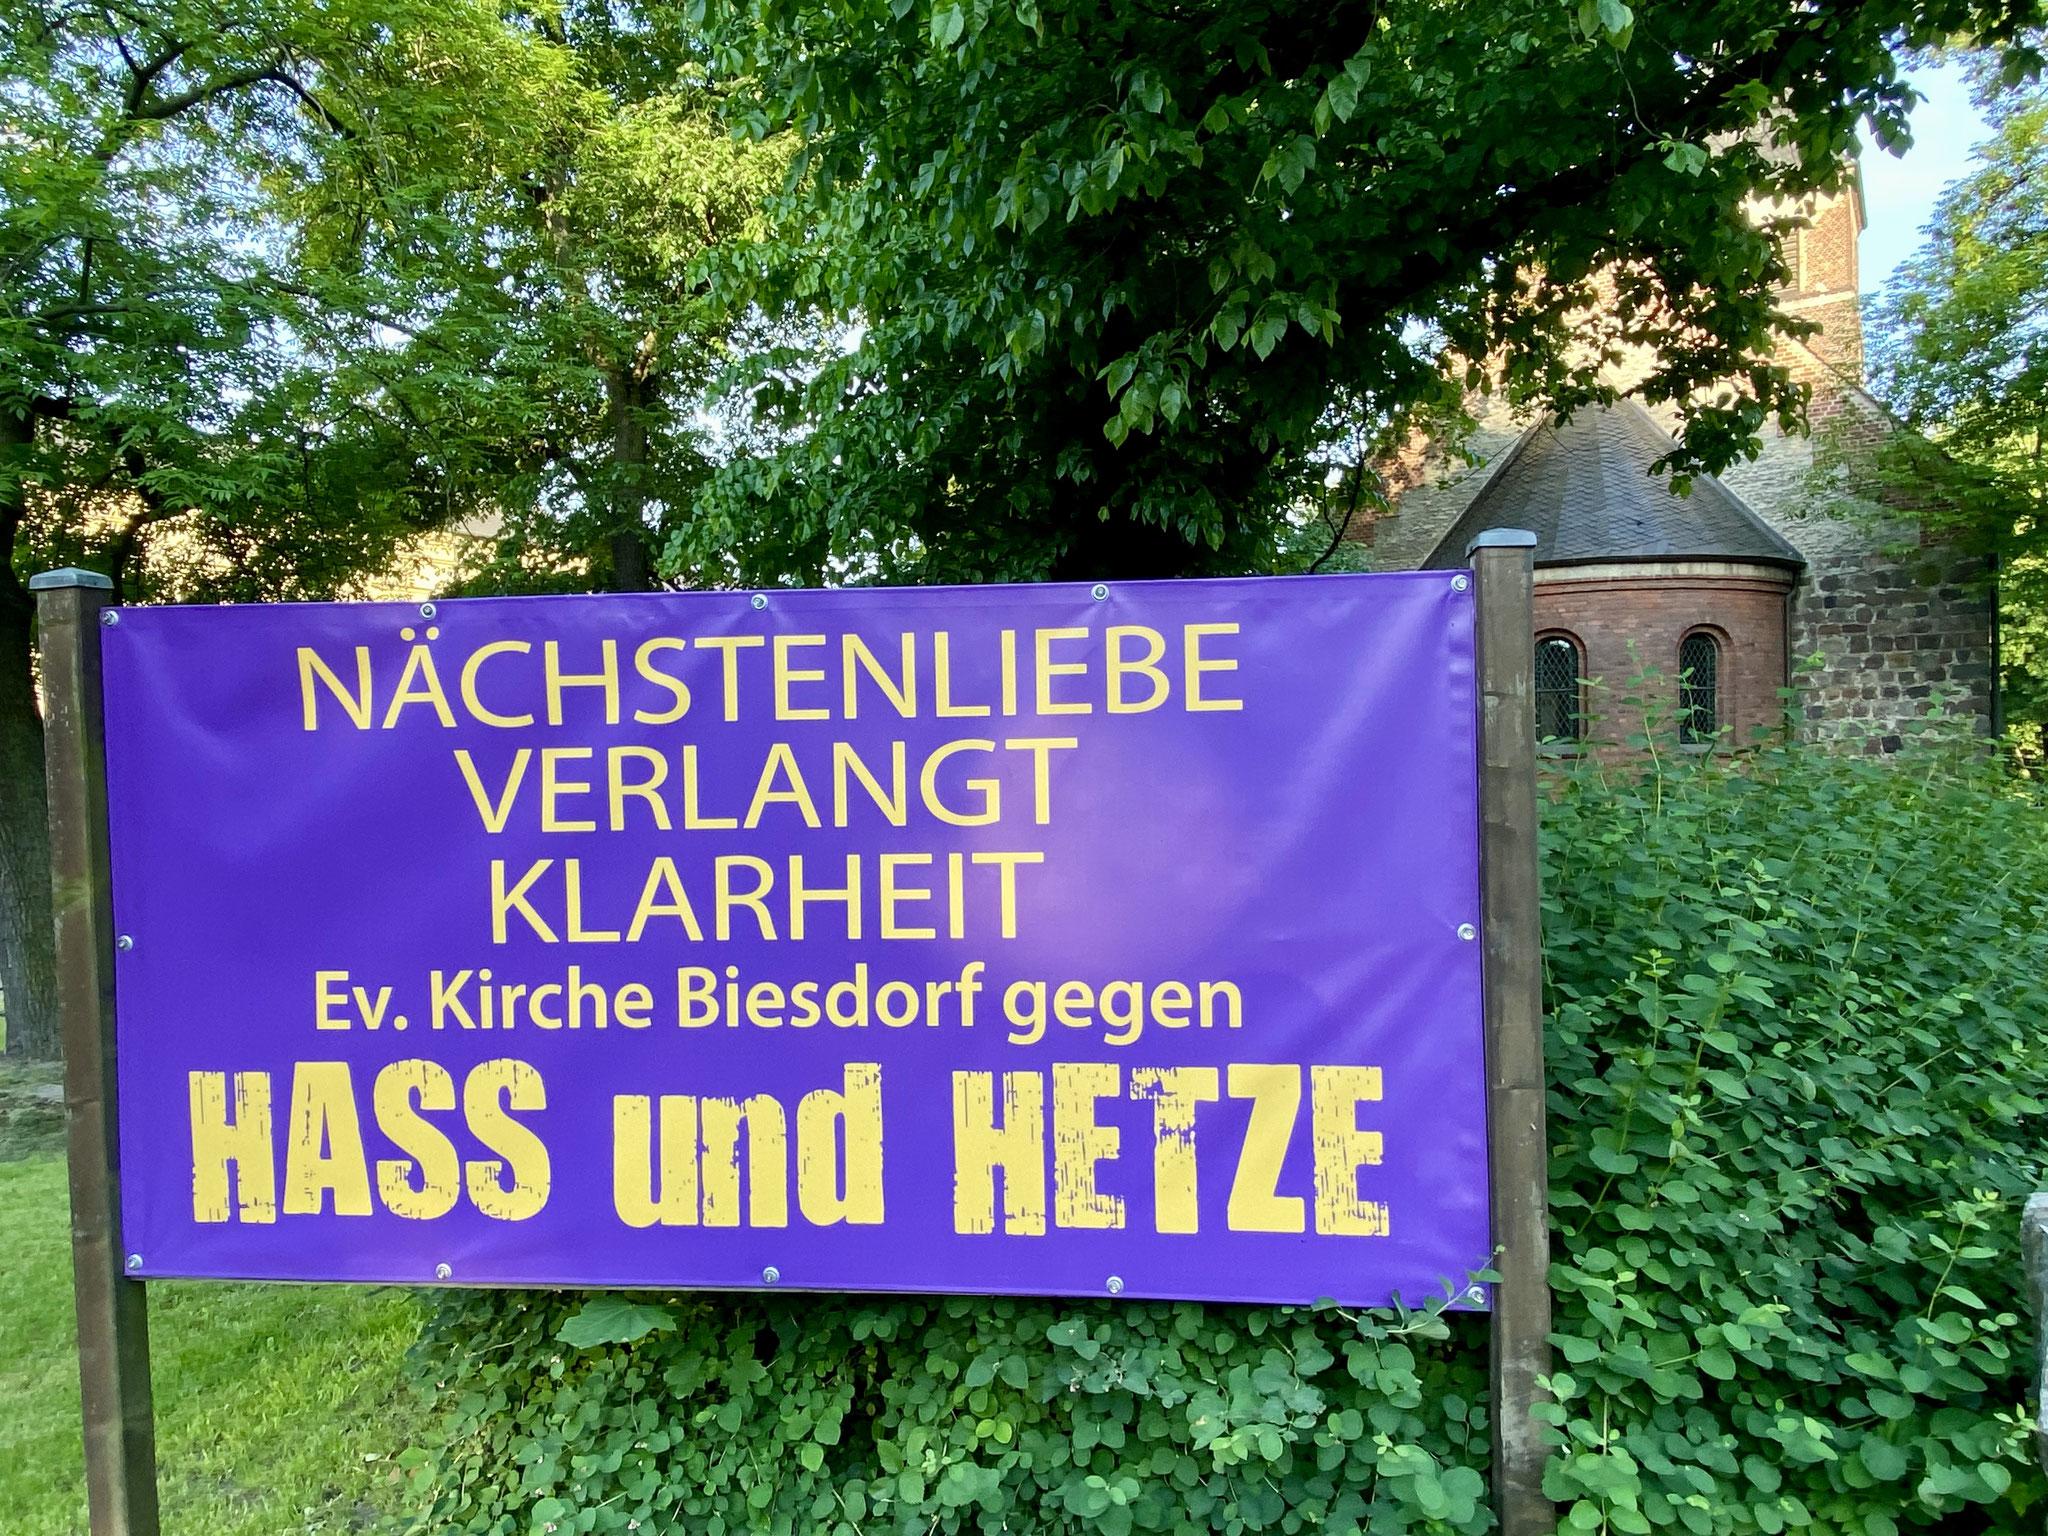 Sa, 12.06., 11.00-13.00 Uhr: Offene Kirche und Andacht für Frieden und Toleranz, Gnadenkirche Biesdorf